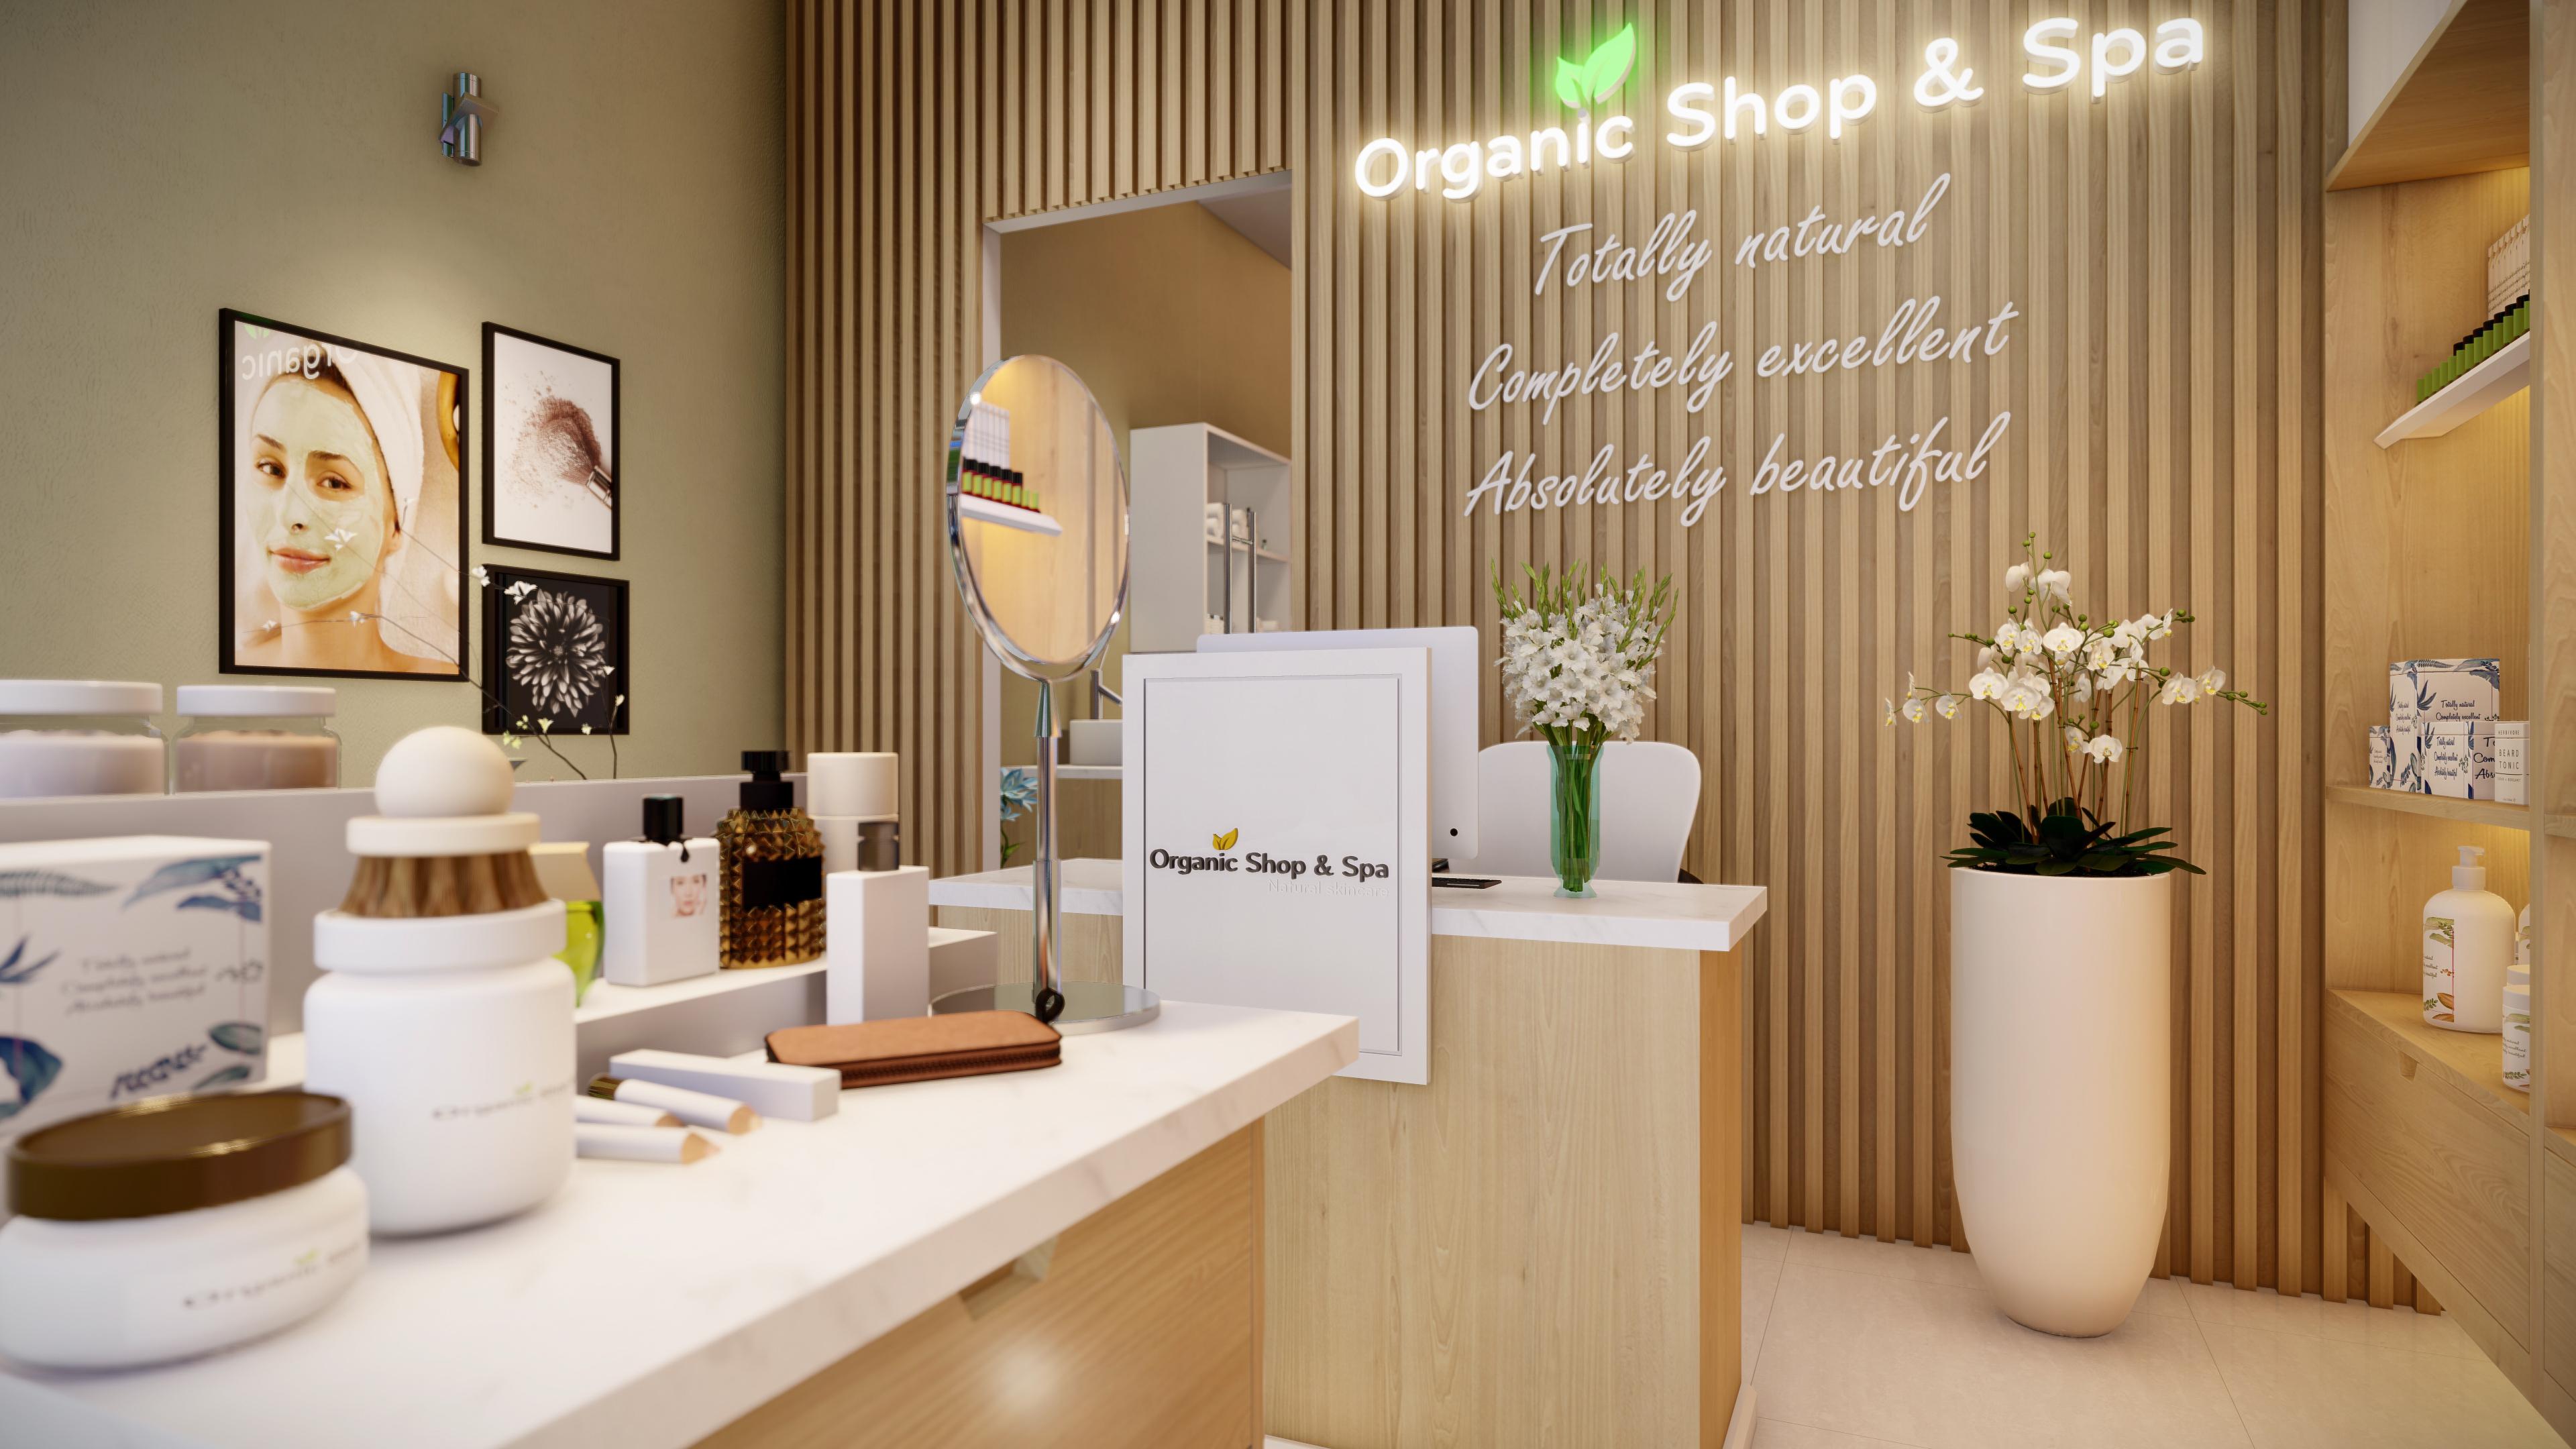 Thiết kế nội thất Spa tại Hồ Chí Minh HCM.MRGIANG-SHOP&SPA 1590203831 4